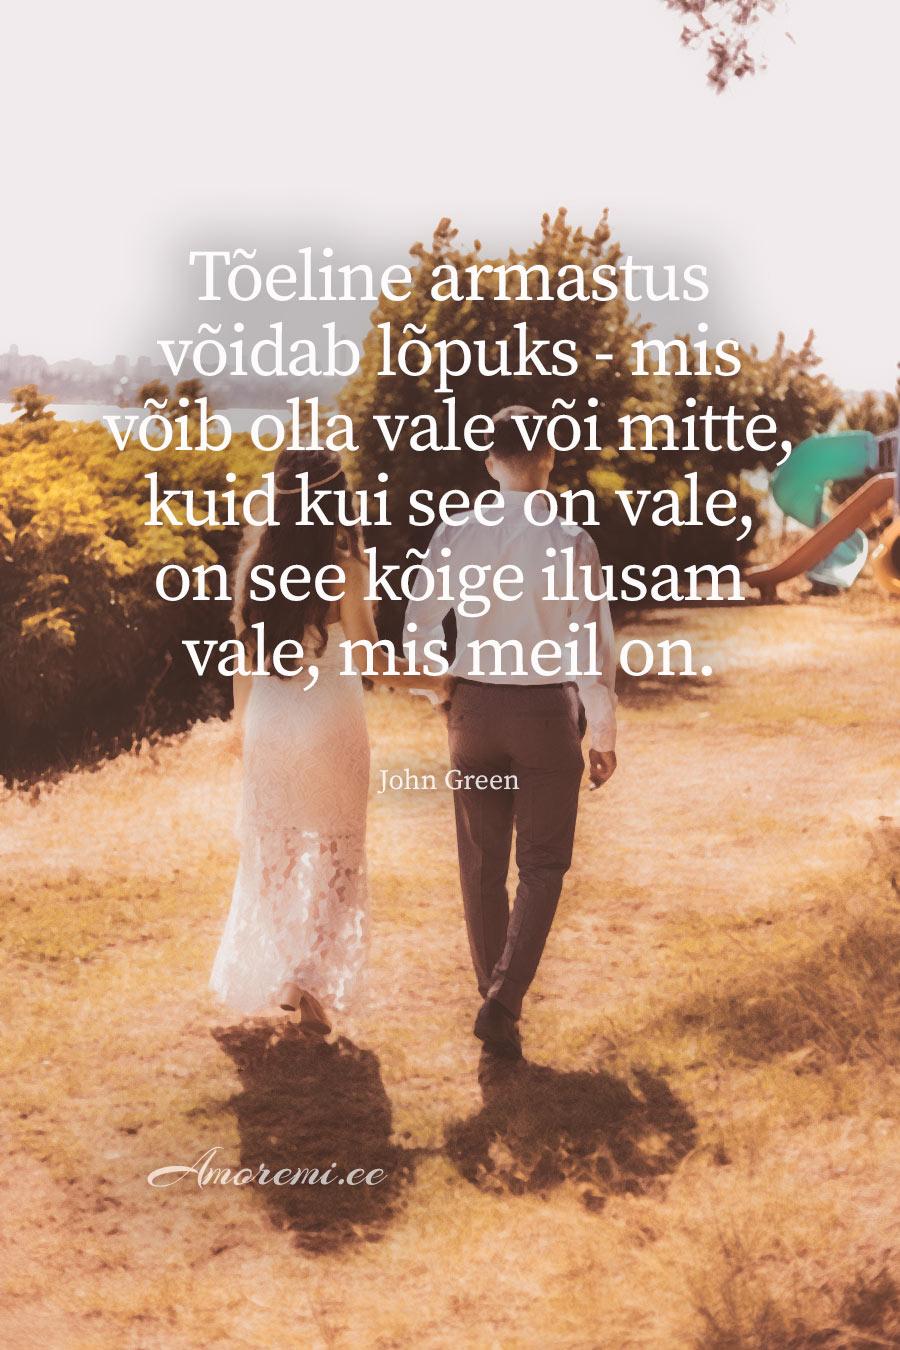 Amoremi tsitaadid: Tõeline armastus võidab ..